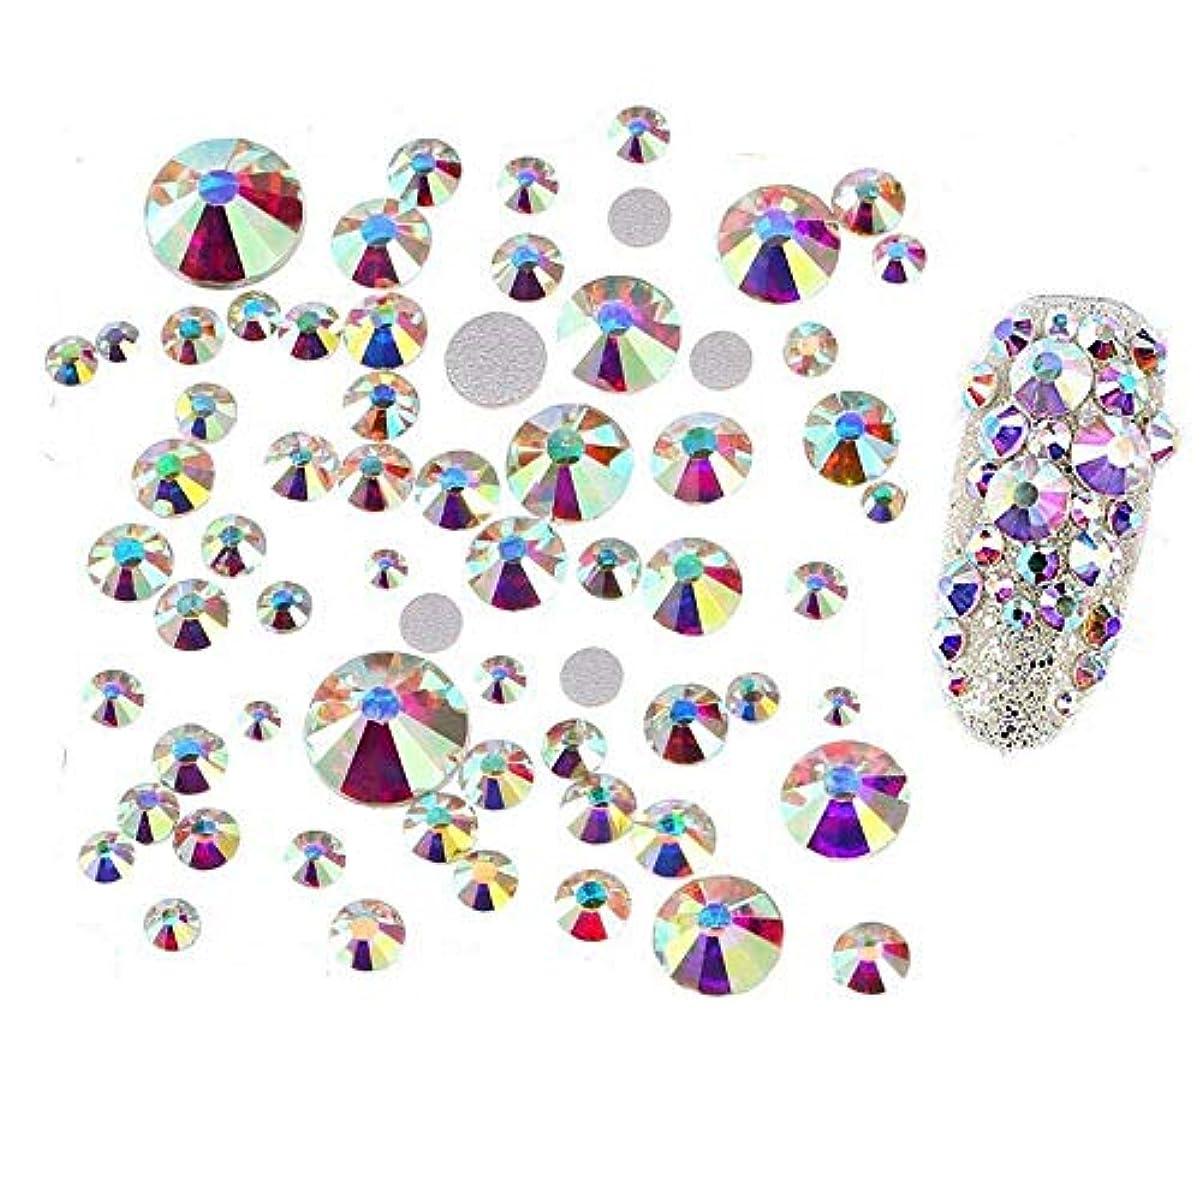 干渉する郵便物高潔な高品質 ガラスストーン オーロラ クリスタル,ラインストーン ネイル デコ ガラスストーン クリスタル ジェルネイル ネイルパーツ (約200粒)